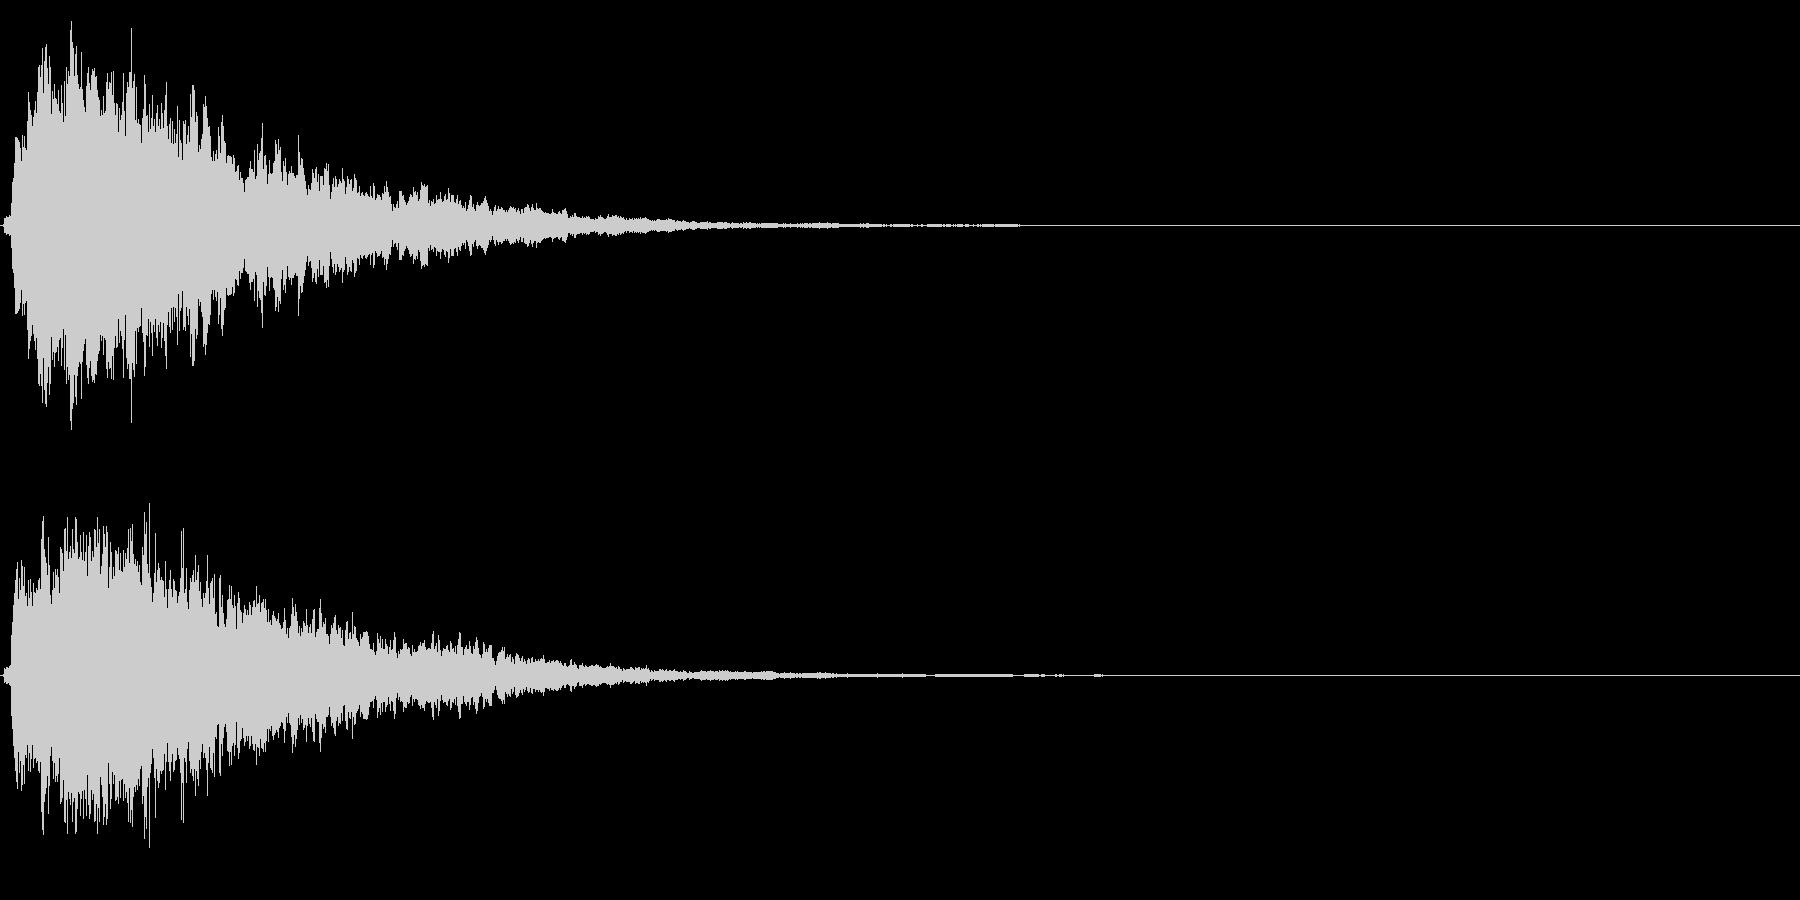 キラキラ輝く テロップ音 ボタン音!3bの未再生の波形